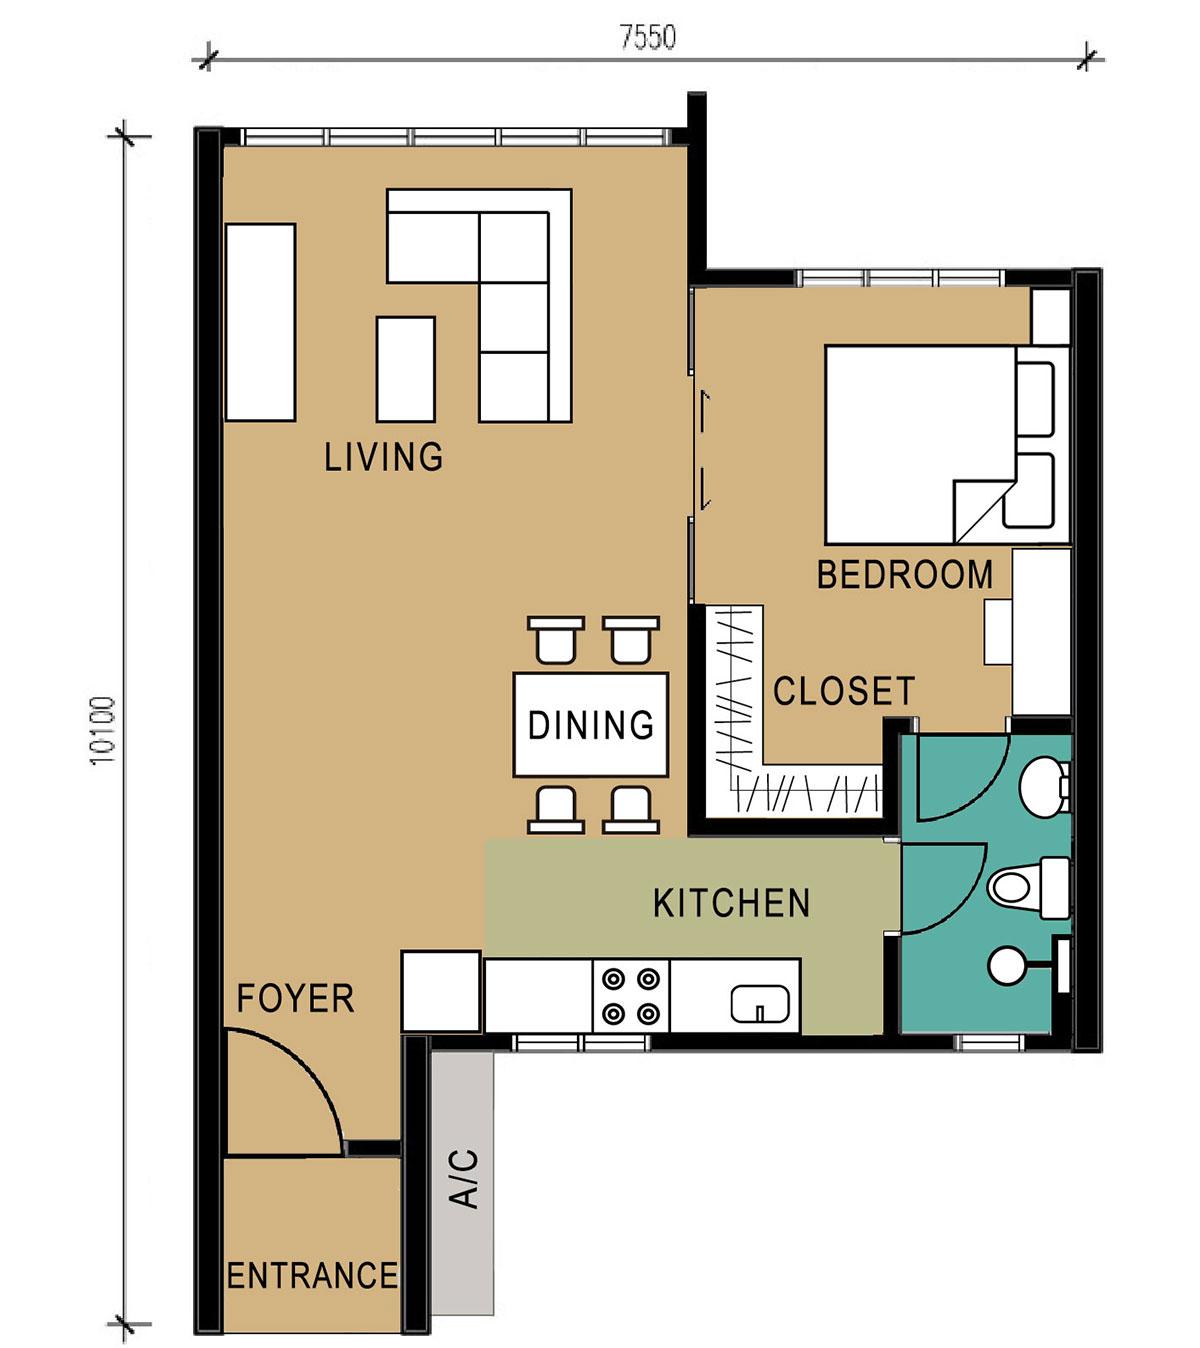 D'Suites - Type D